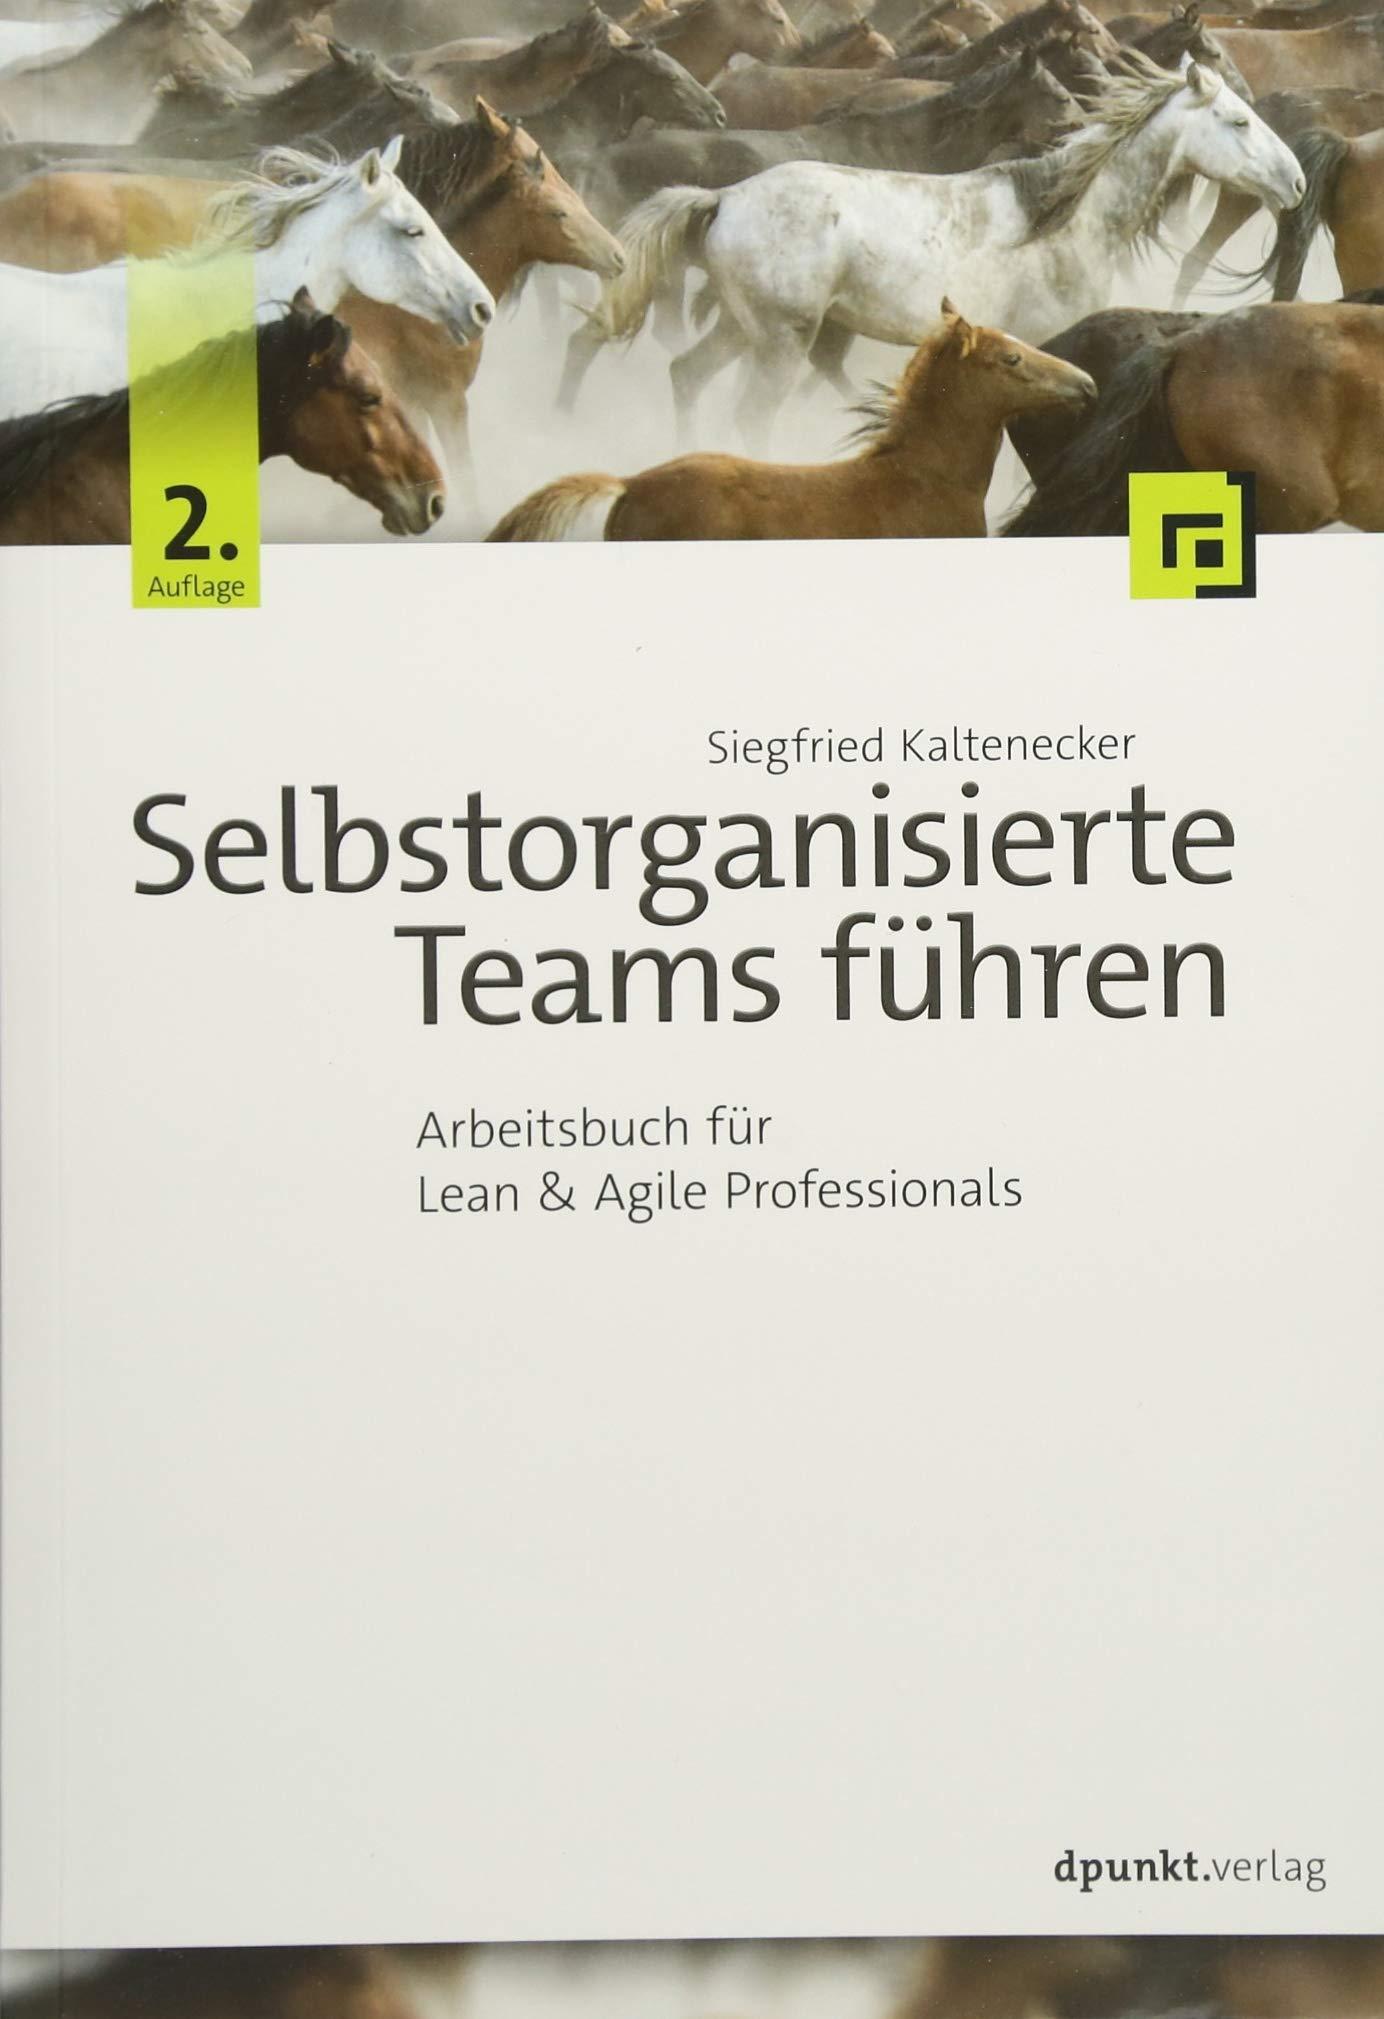 Selbstorganisierte Teams führen: Arbeitsbuch für Lean & Agile Professionals Taschenbuch – 29. Januar 2018 Siegfried Kaltenecker dpunkt.verlag GmbH 3864905516 Business / Management